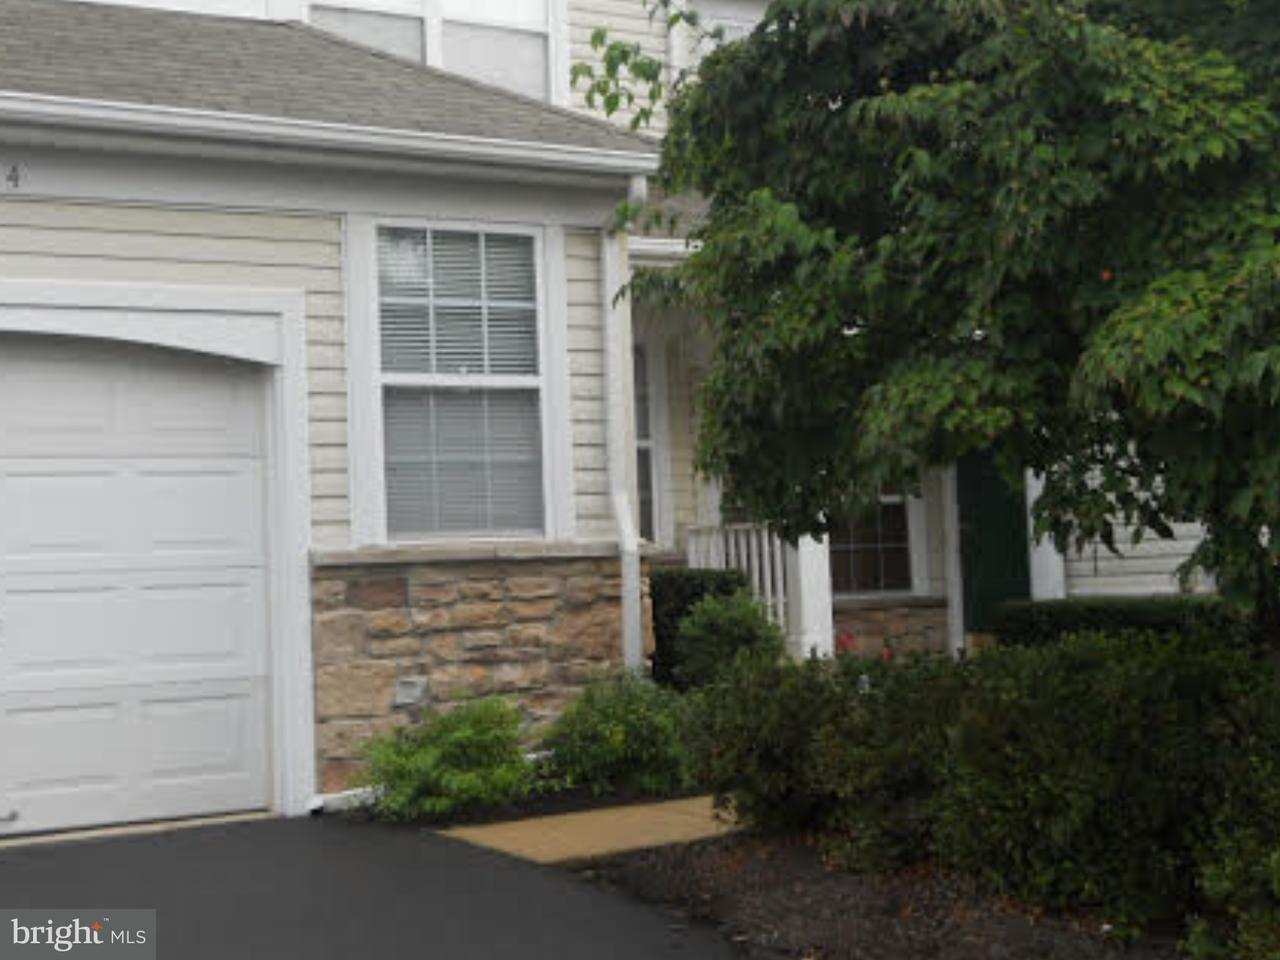 Casa unifamiliar adosada (Townhouse) por un Alquiler en 614 WEYMOUTH CT #45 New Hope, Pennsylvania 18938 Estados UnidosEn/Alrededor: Solebury Township